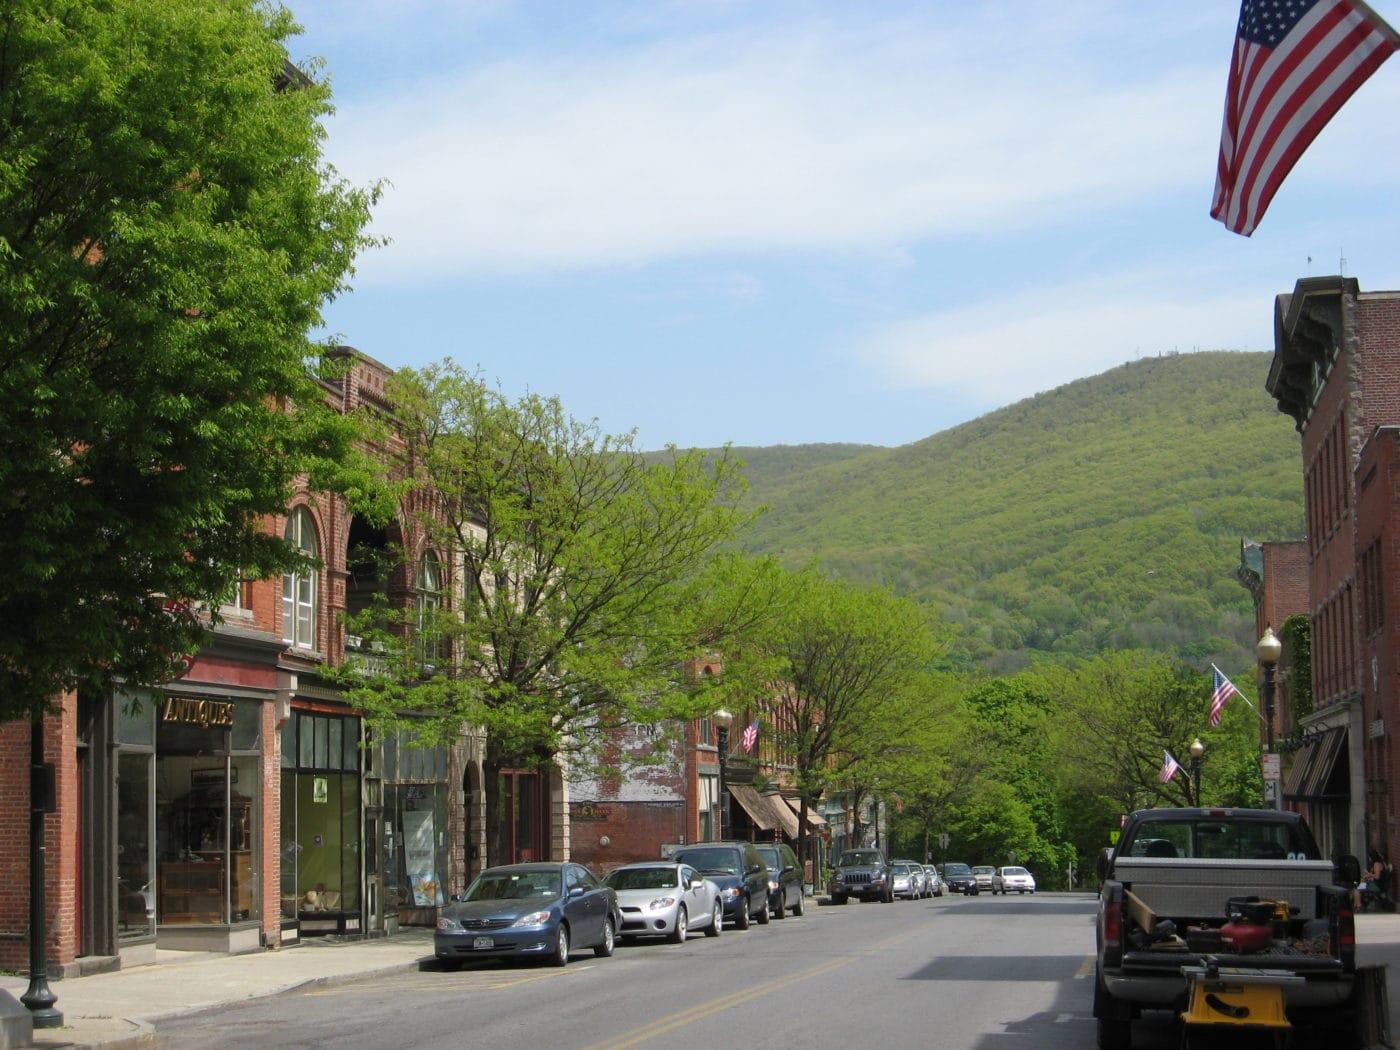 Main Street, Beacon, NY